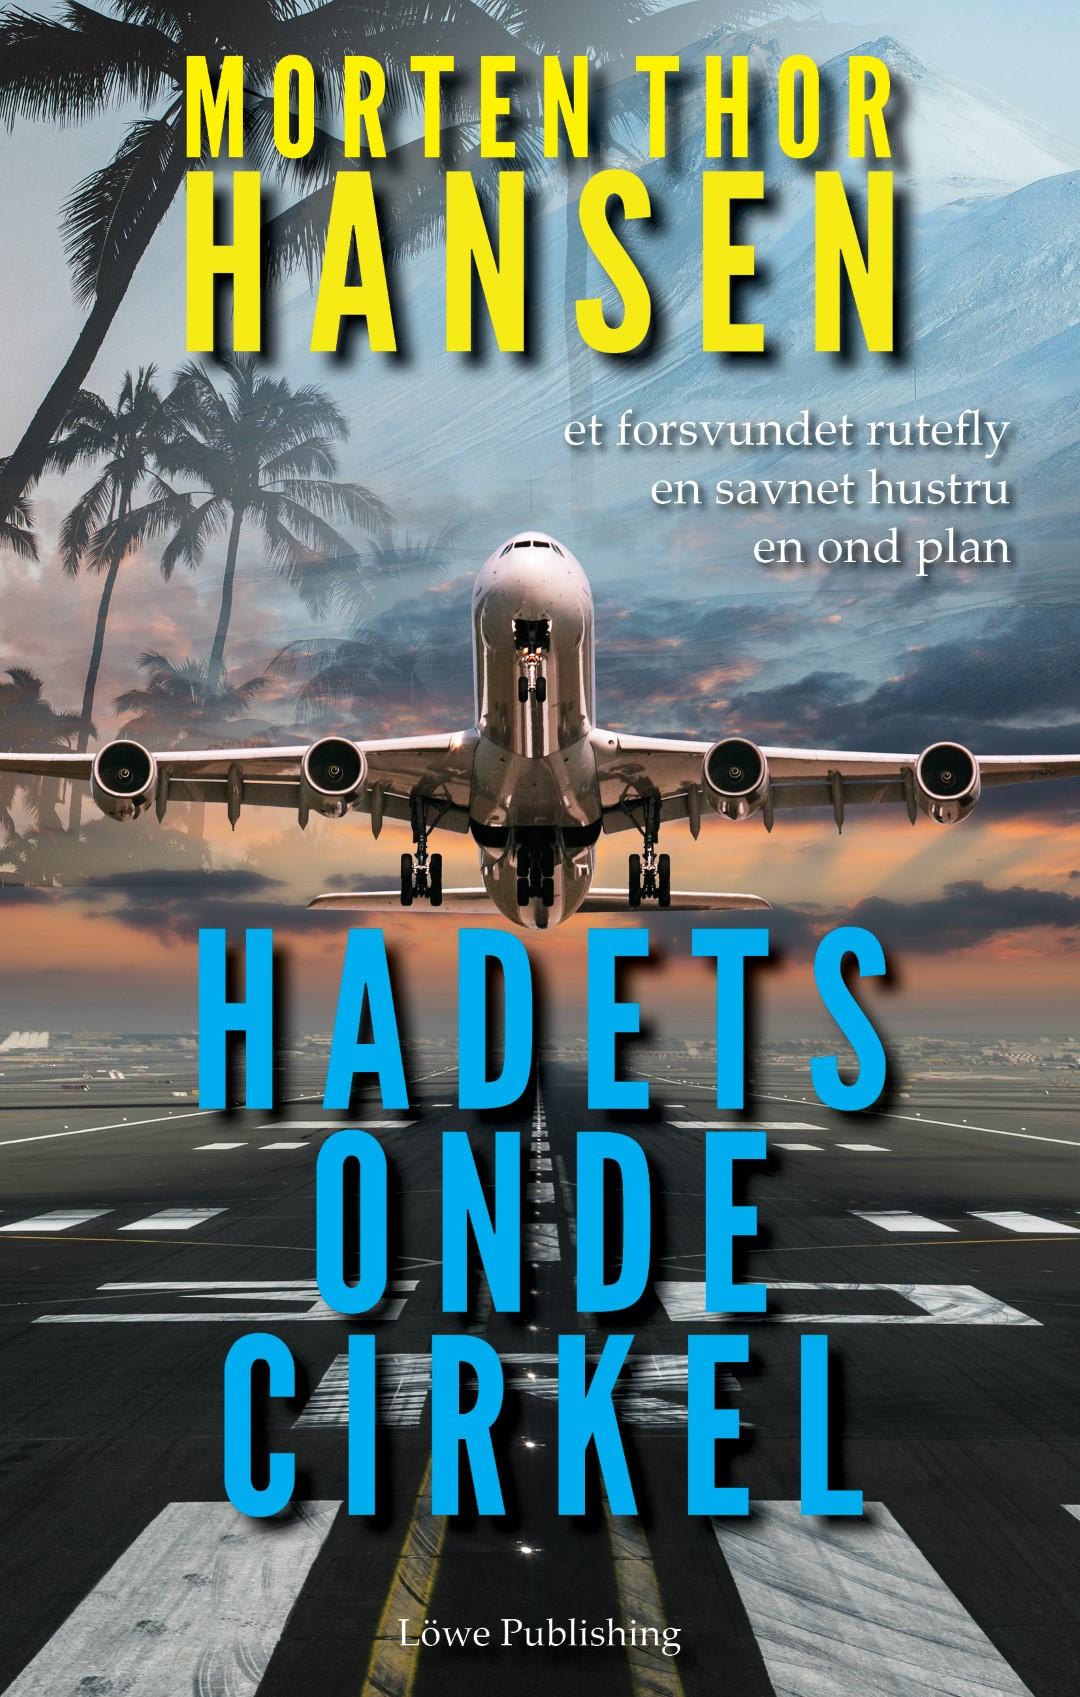 Selvstændig fortsættelse af Bernsteins hemmelighed: Hadets onde cirkel - Morten Thor Hansen - Bøger - Löwe Publishing - 9788799779284 - 25/10-2019